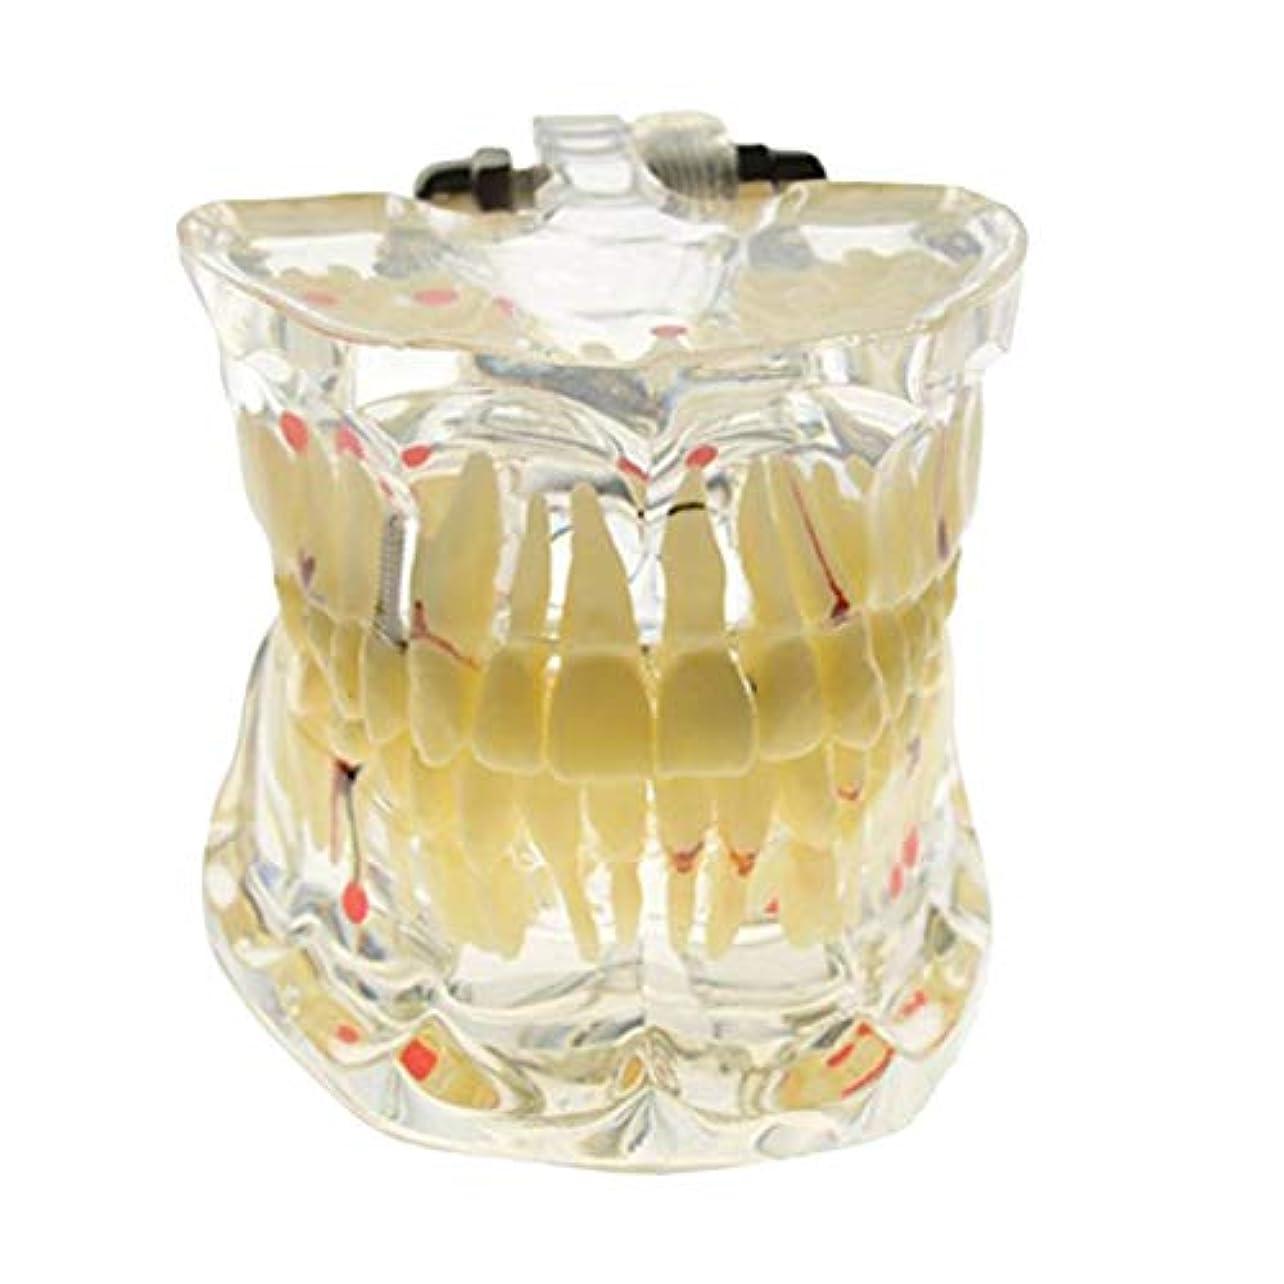 寝る申し込むスイッチHEALIFTY 脱着可能な口腔モデル着脱可能な歯科インプラント歯モデル歯ティーチングモデル